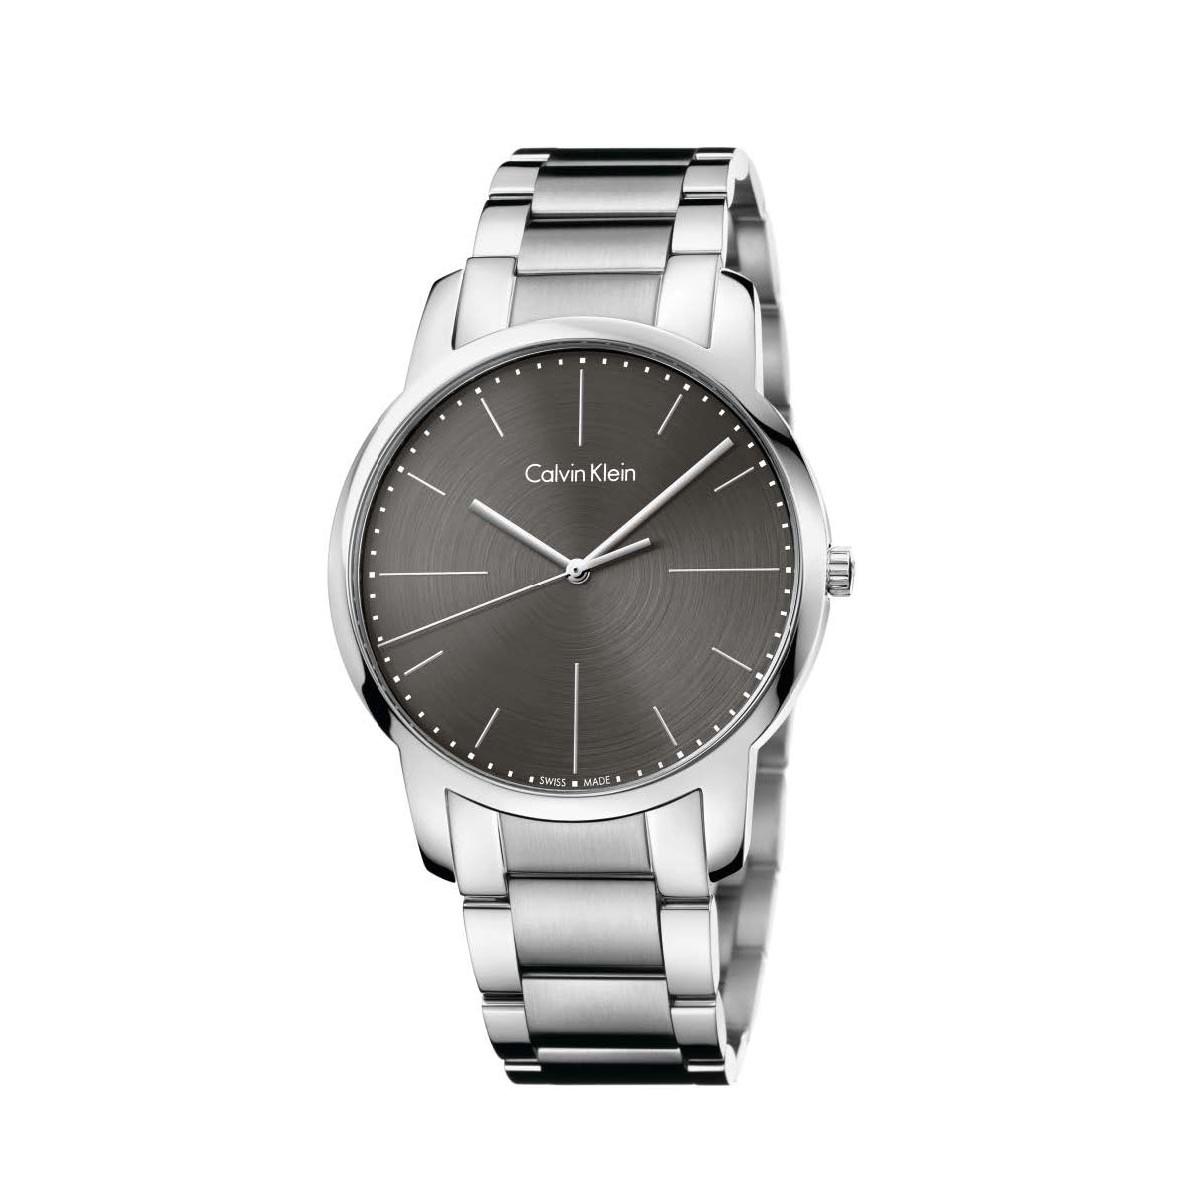 Đồng hồ Calvin Klein K2G2G1Z3 Nam 43mm, Quartz (Pin), Thép không gỉ